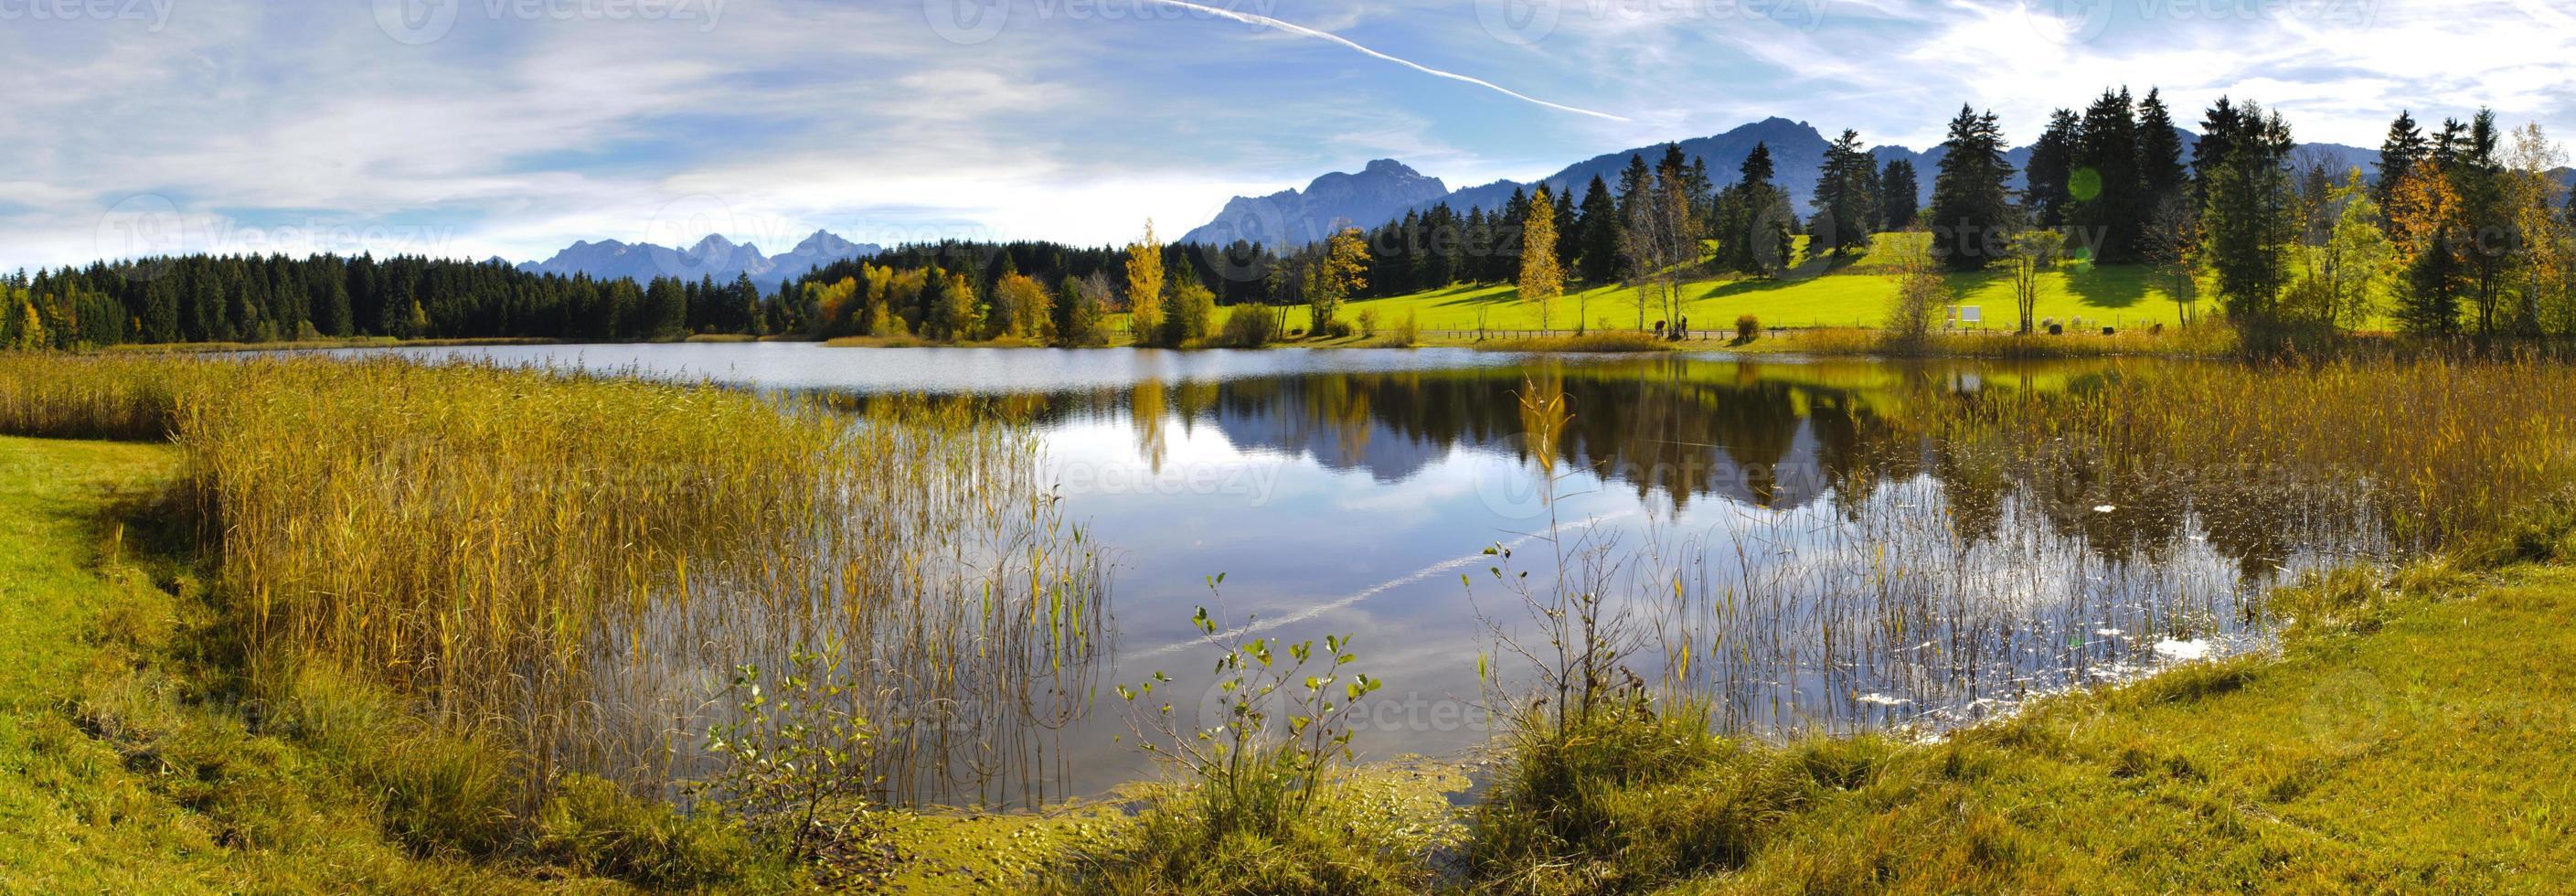 paysage panoramique en Bavière photo